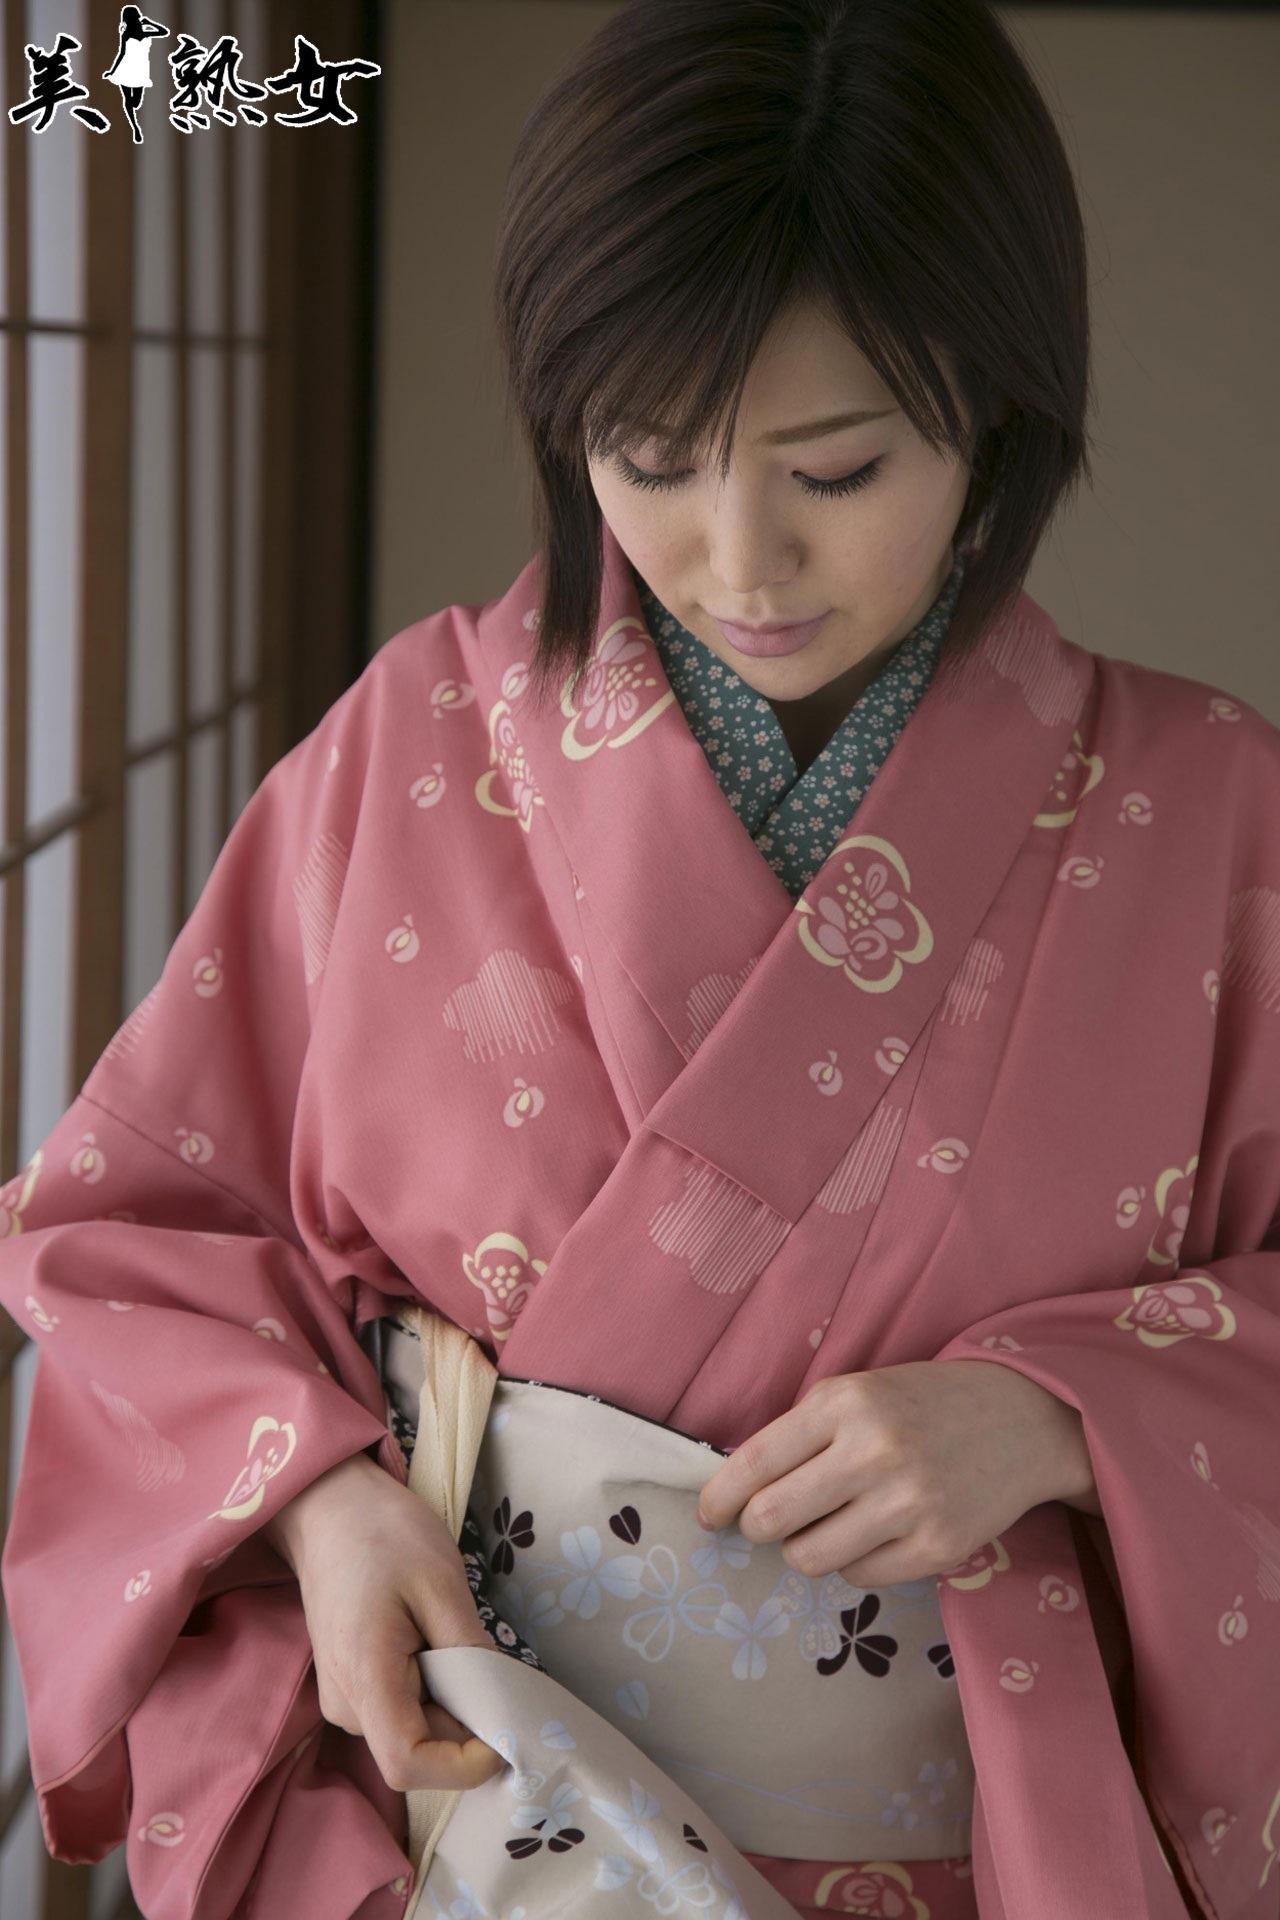 Nanako_Mori_11.jpg